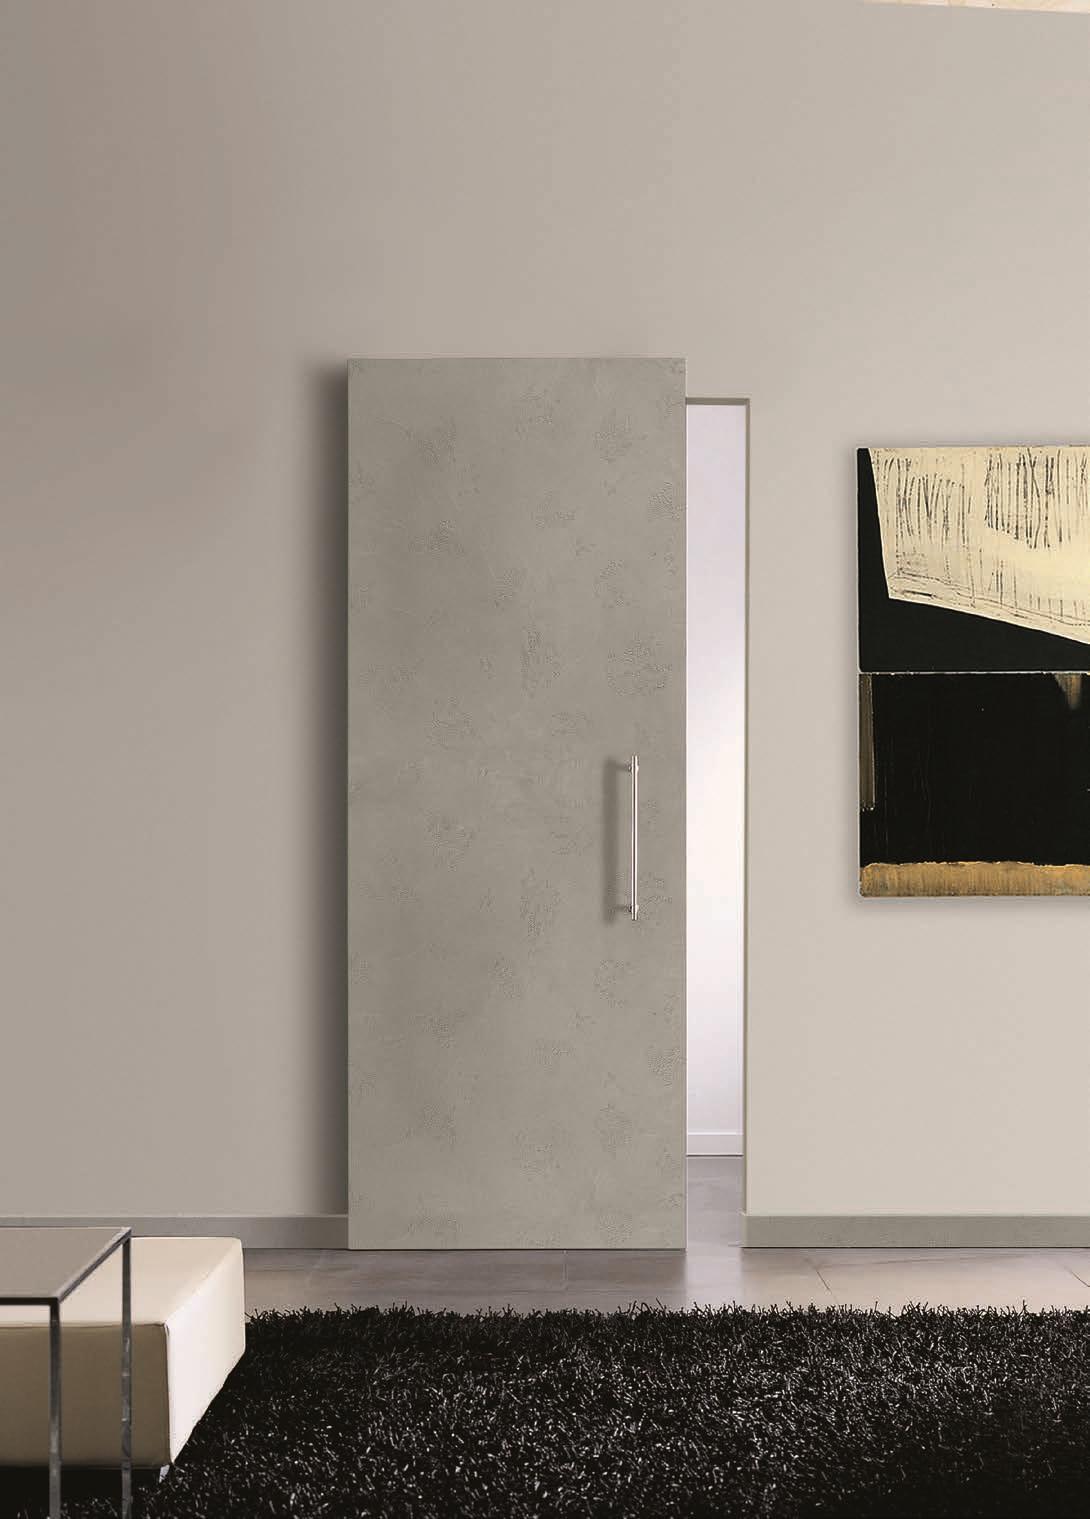 Porta scorrevole filo muro binario a scomparsa scontata - Porta scorrevole esterno muro prezzo ...